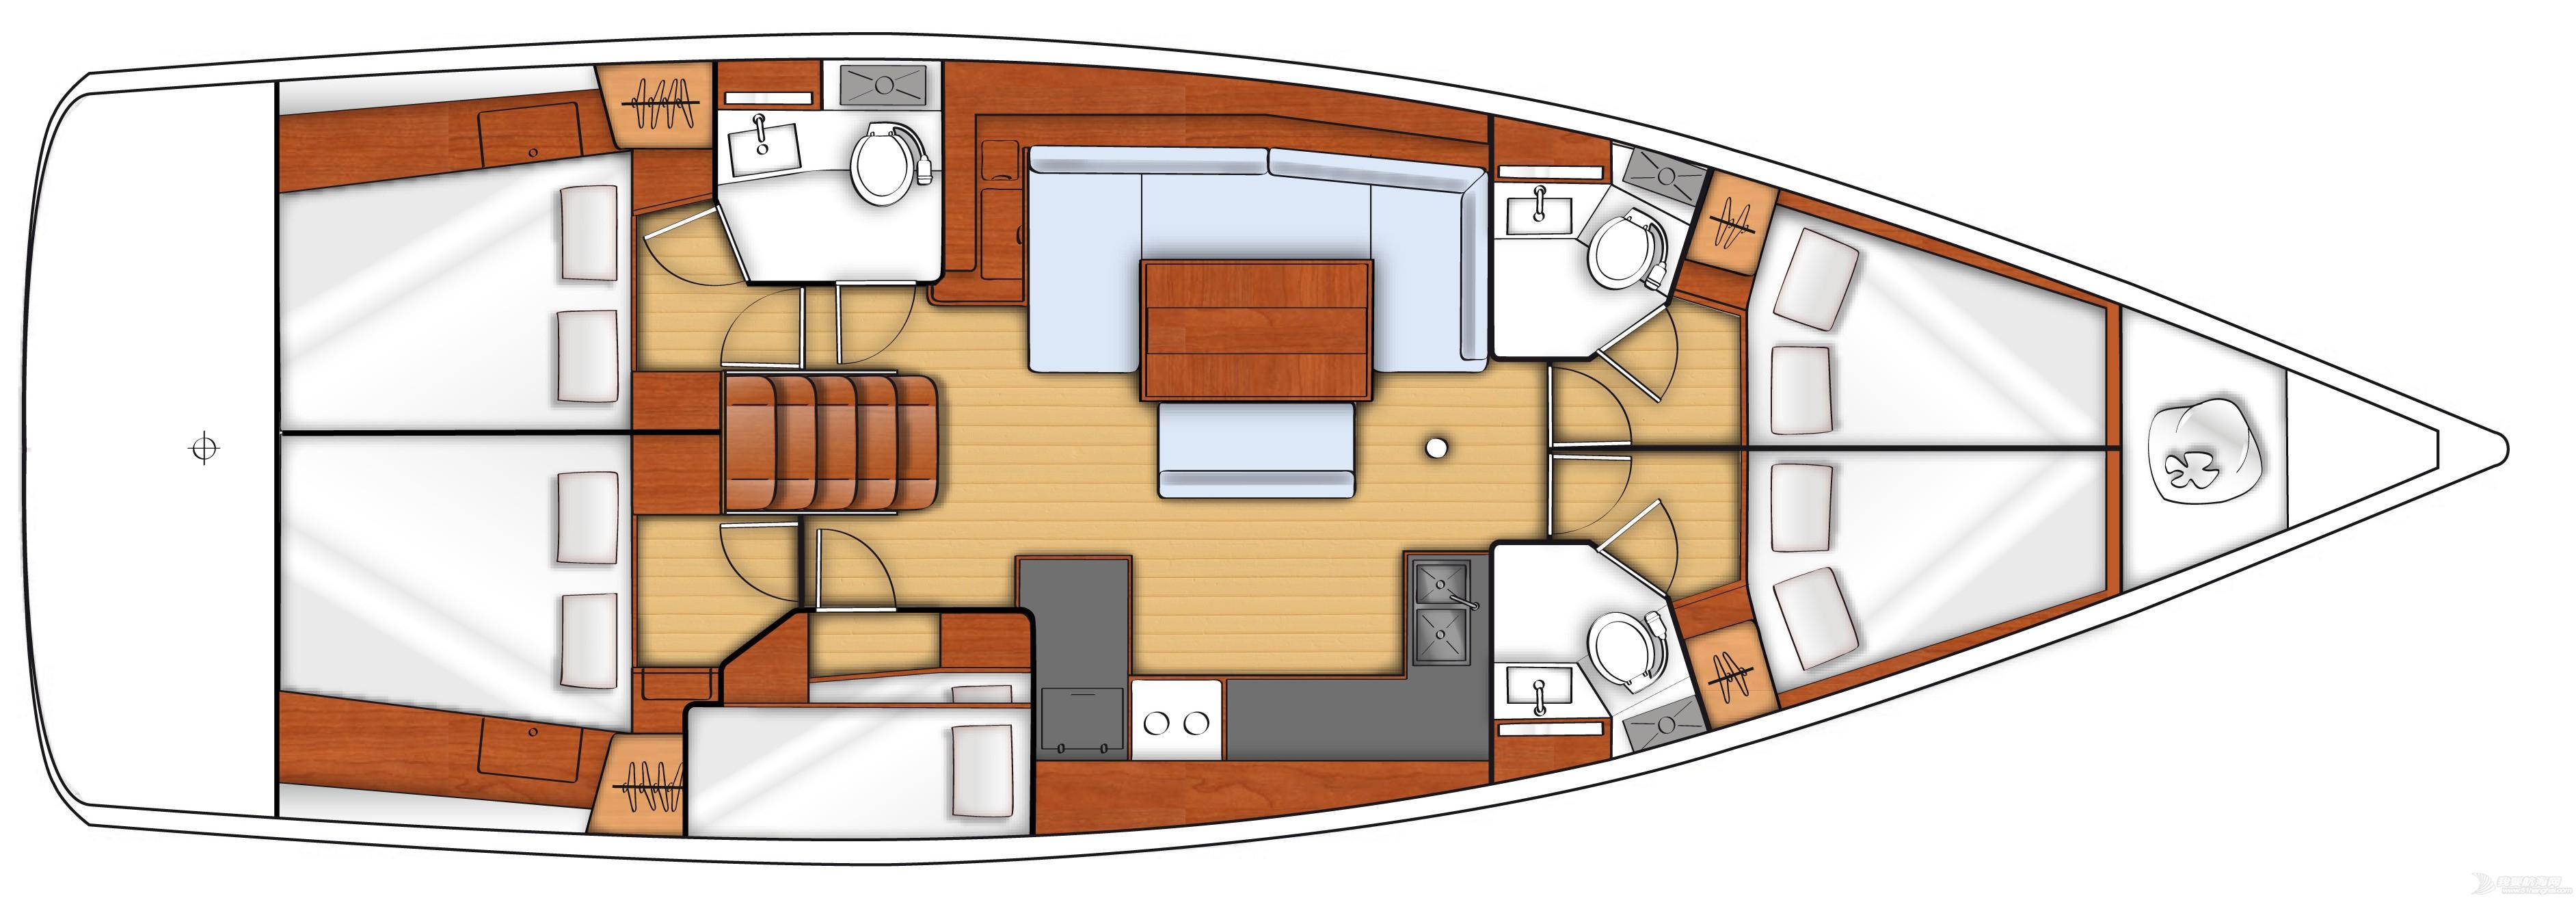 发动机,帆船,空间,型号 Beneteau Oceanis 48博纳多遨享仕48英尺单体帆船 plan-interieur-4.jpg